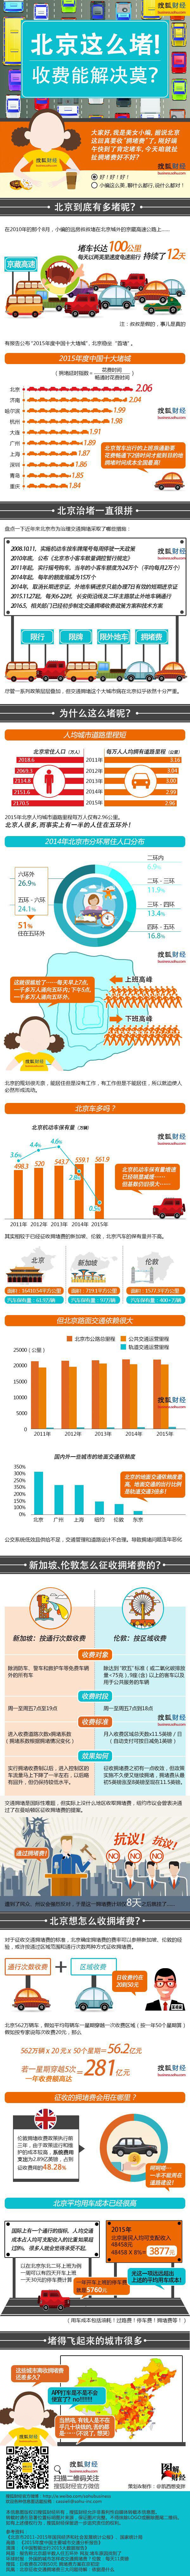 图解财经299期:北京这么堵!收费能解决吗?